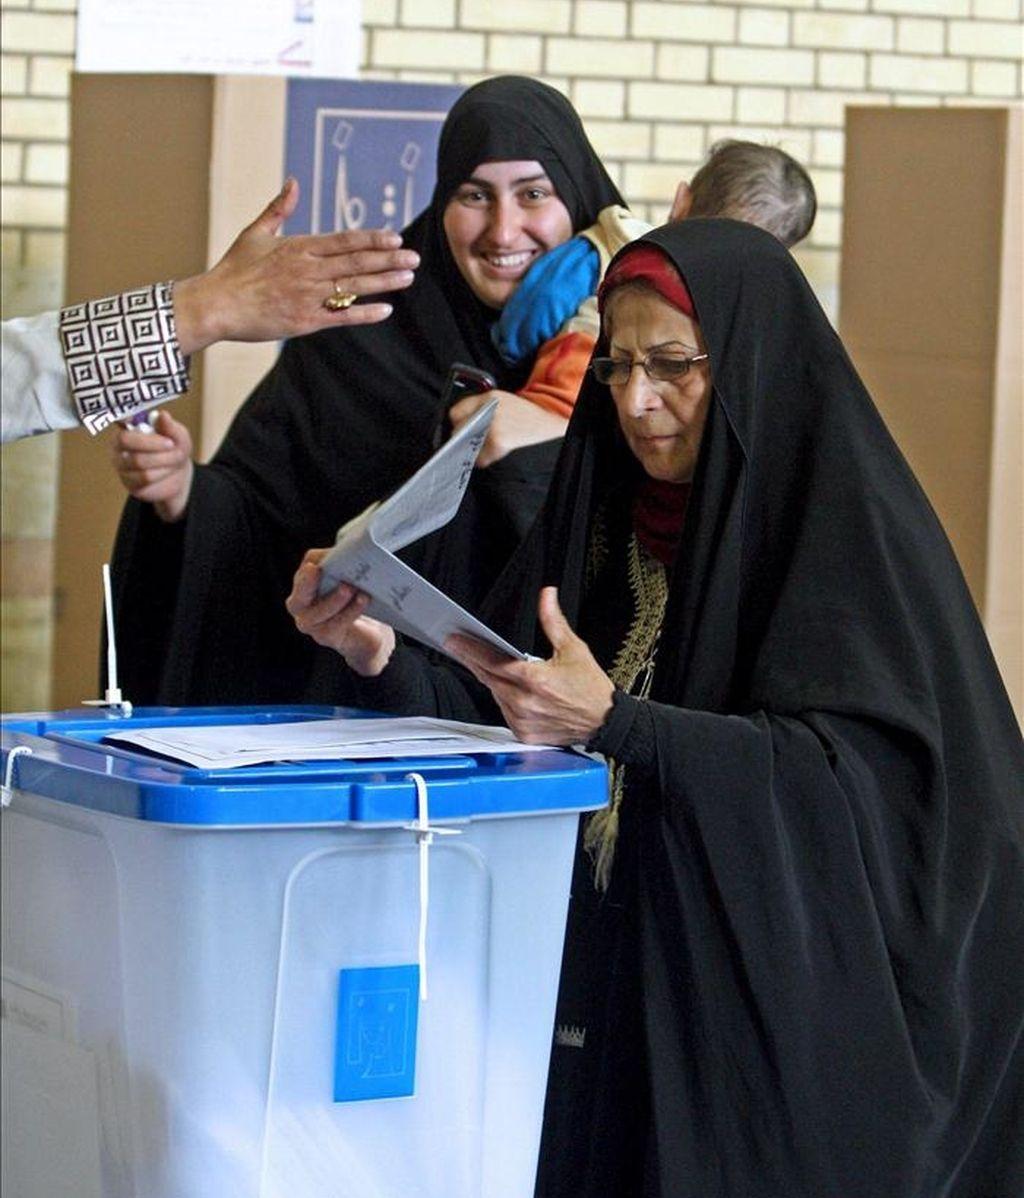 Las elecciones al Parlamento iraní, actualmente dominado por los conservadores, se celebrarán el 2 de marzo de 2012, anunció hoy el ministro de Interior, Mustafa Mohamad Nayar. EFE/Archivo